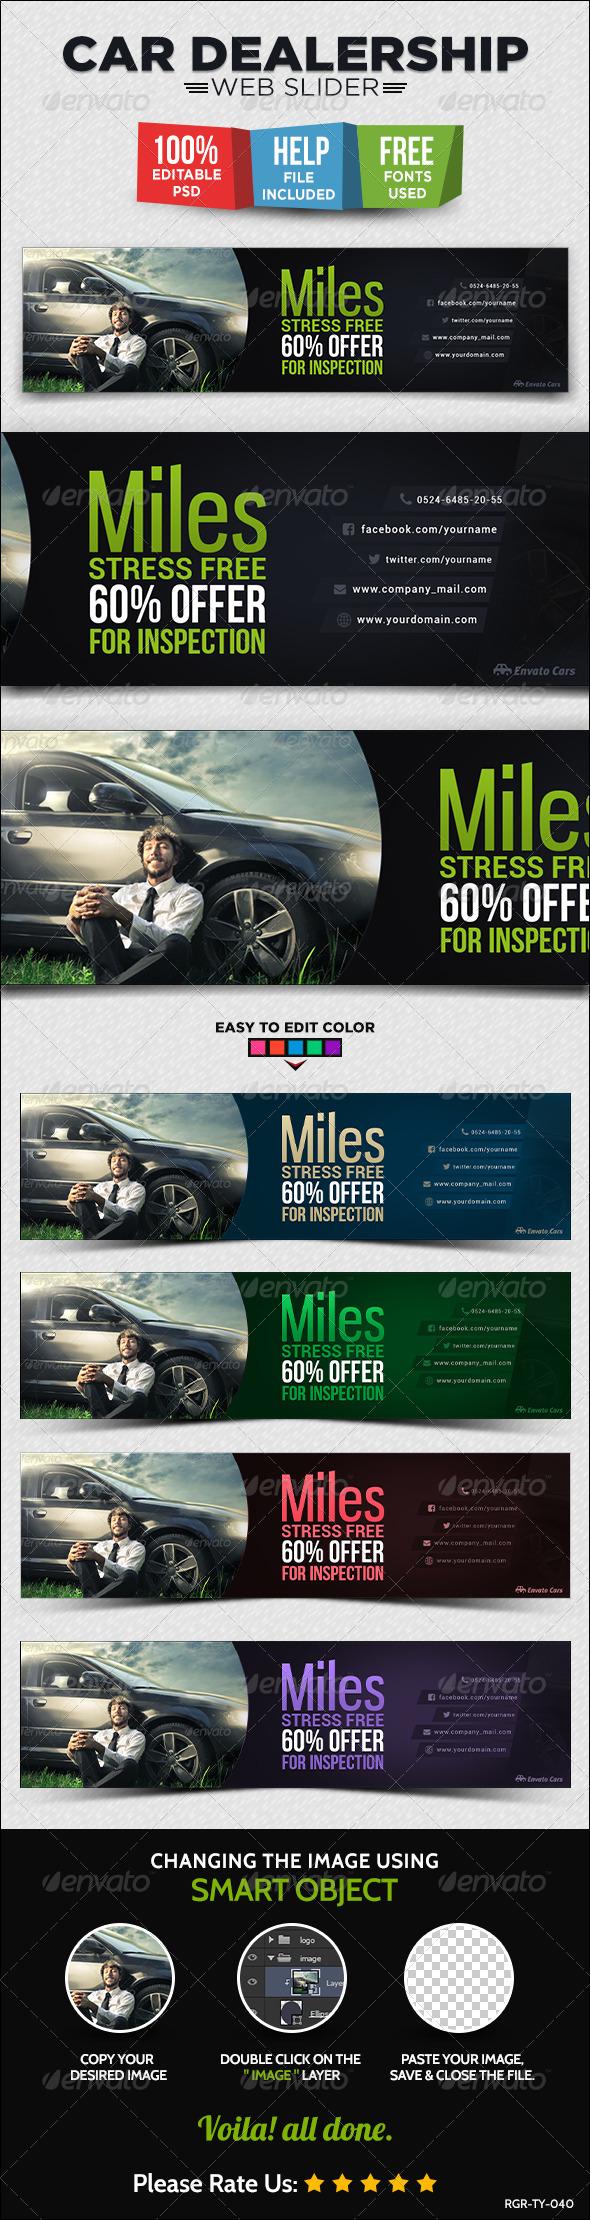 GraphicRiver Car Dealership Web Slider 8716939